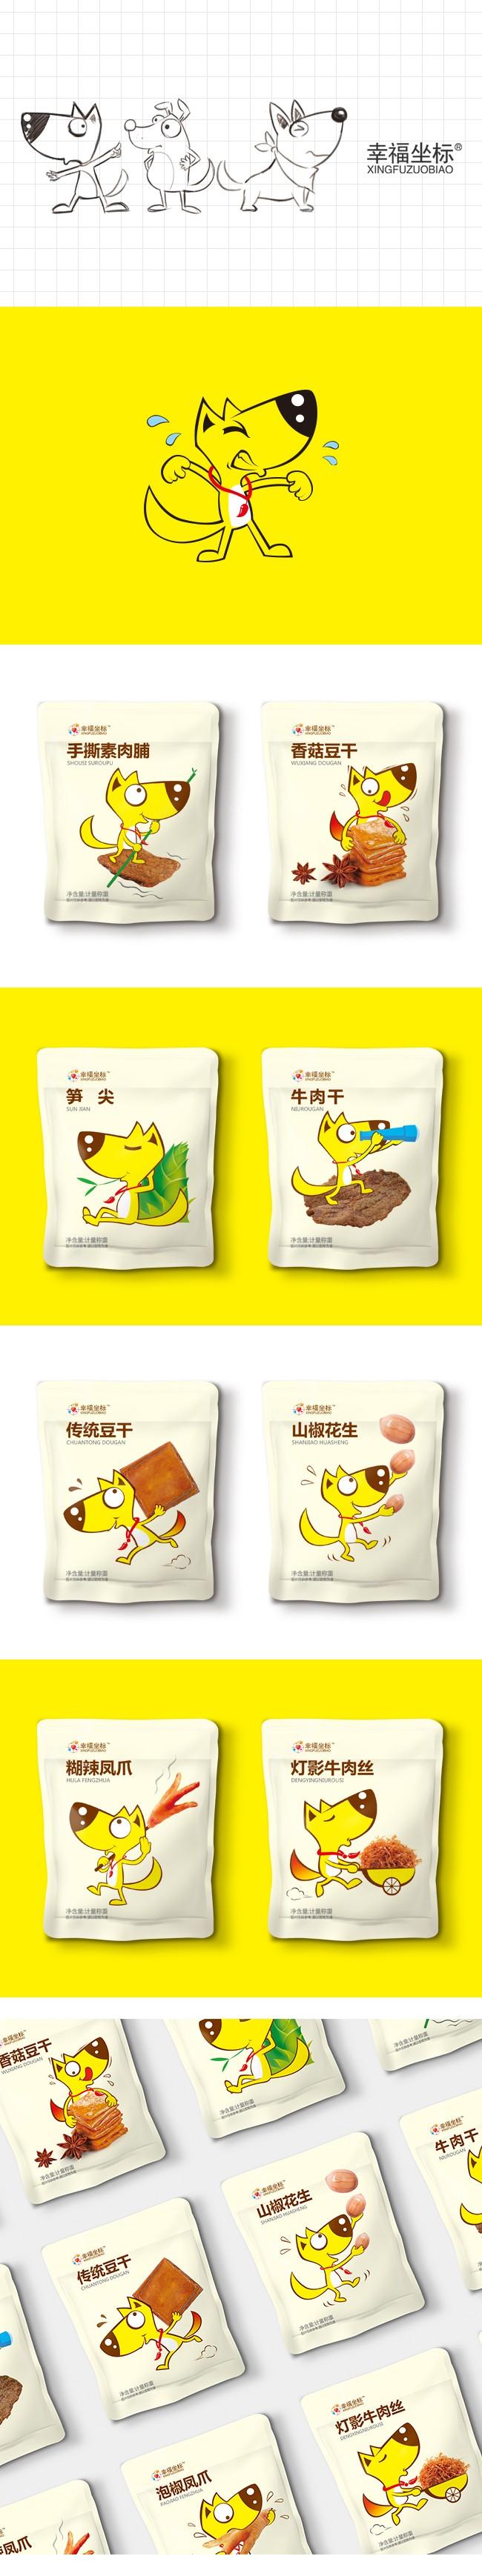 幸福坐标系列休闲食品包装设计